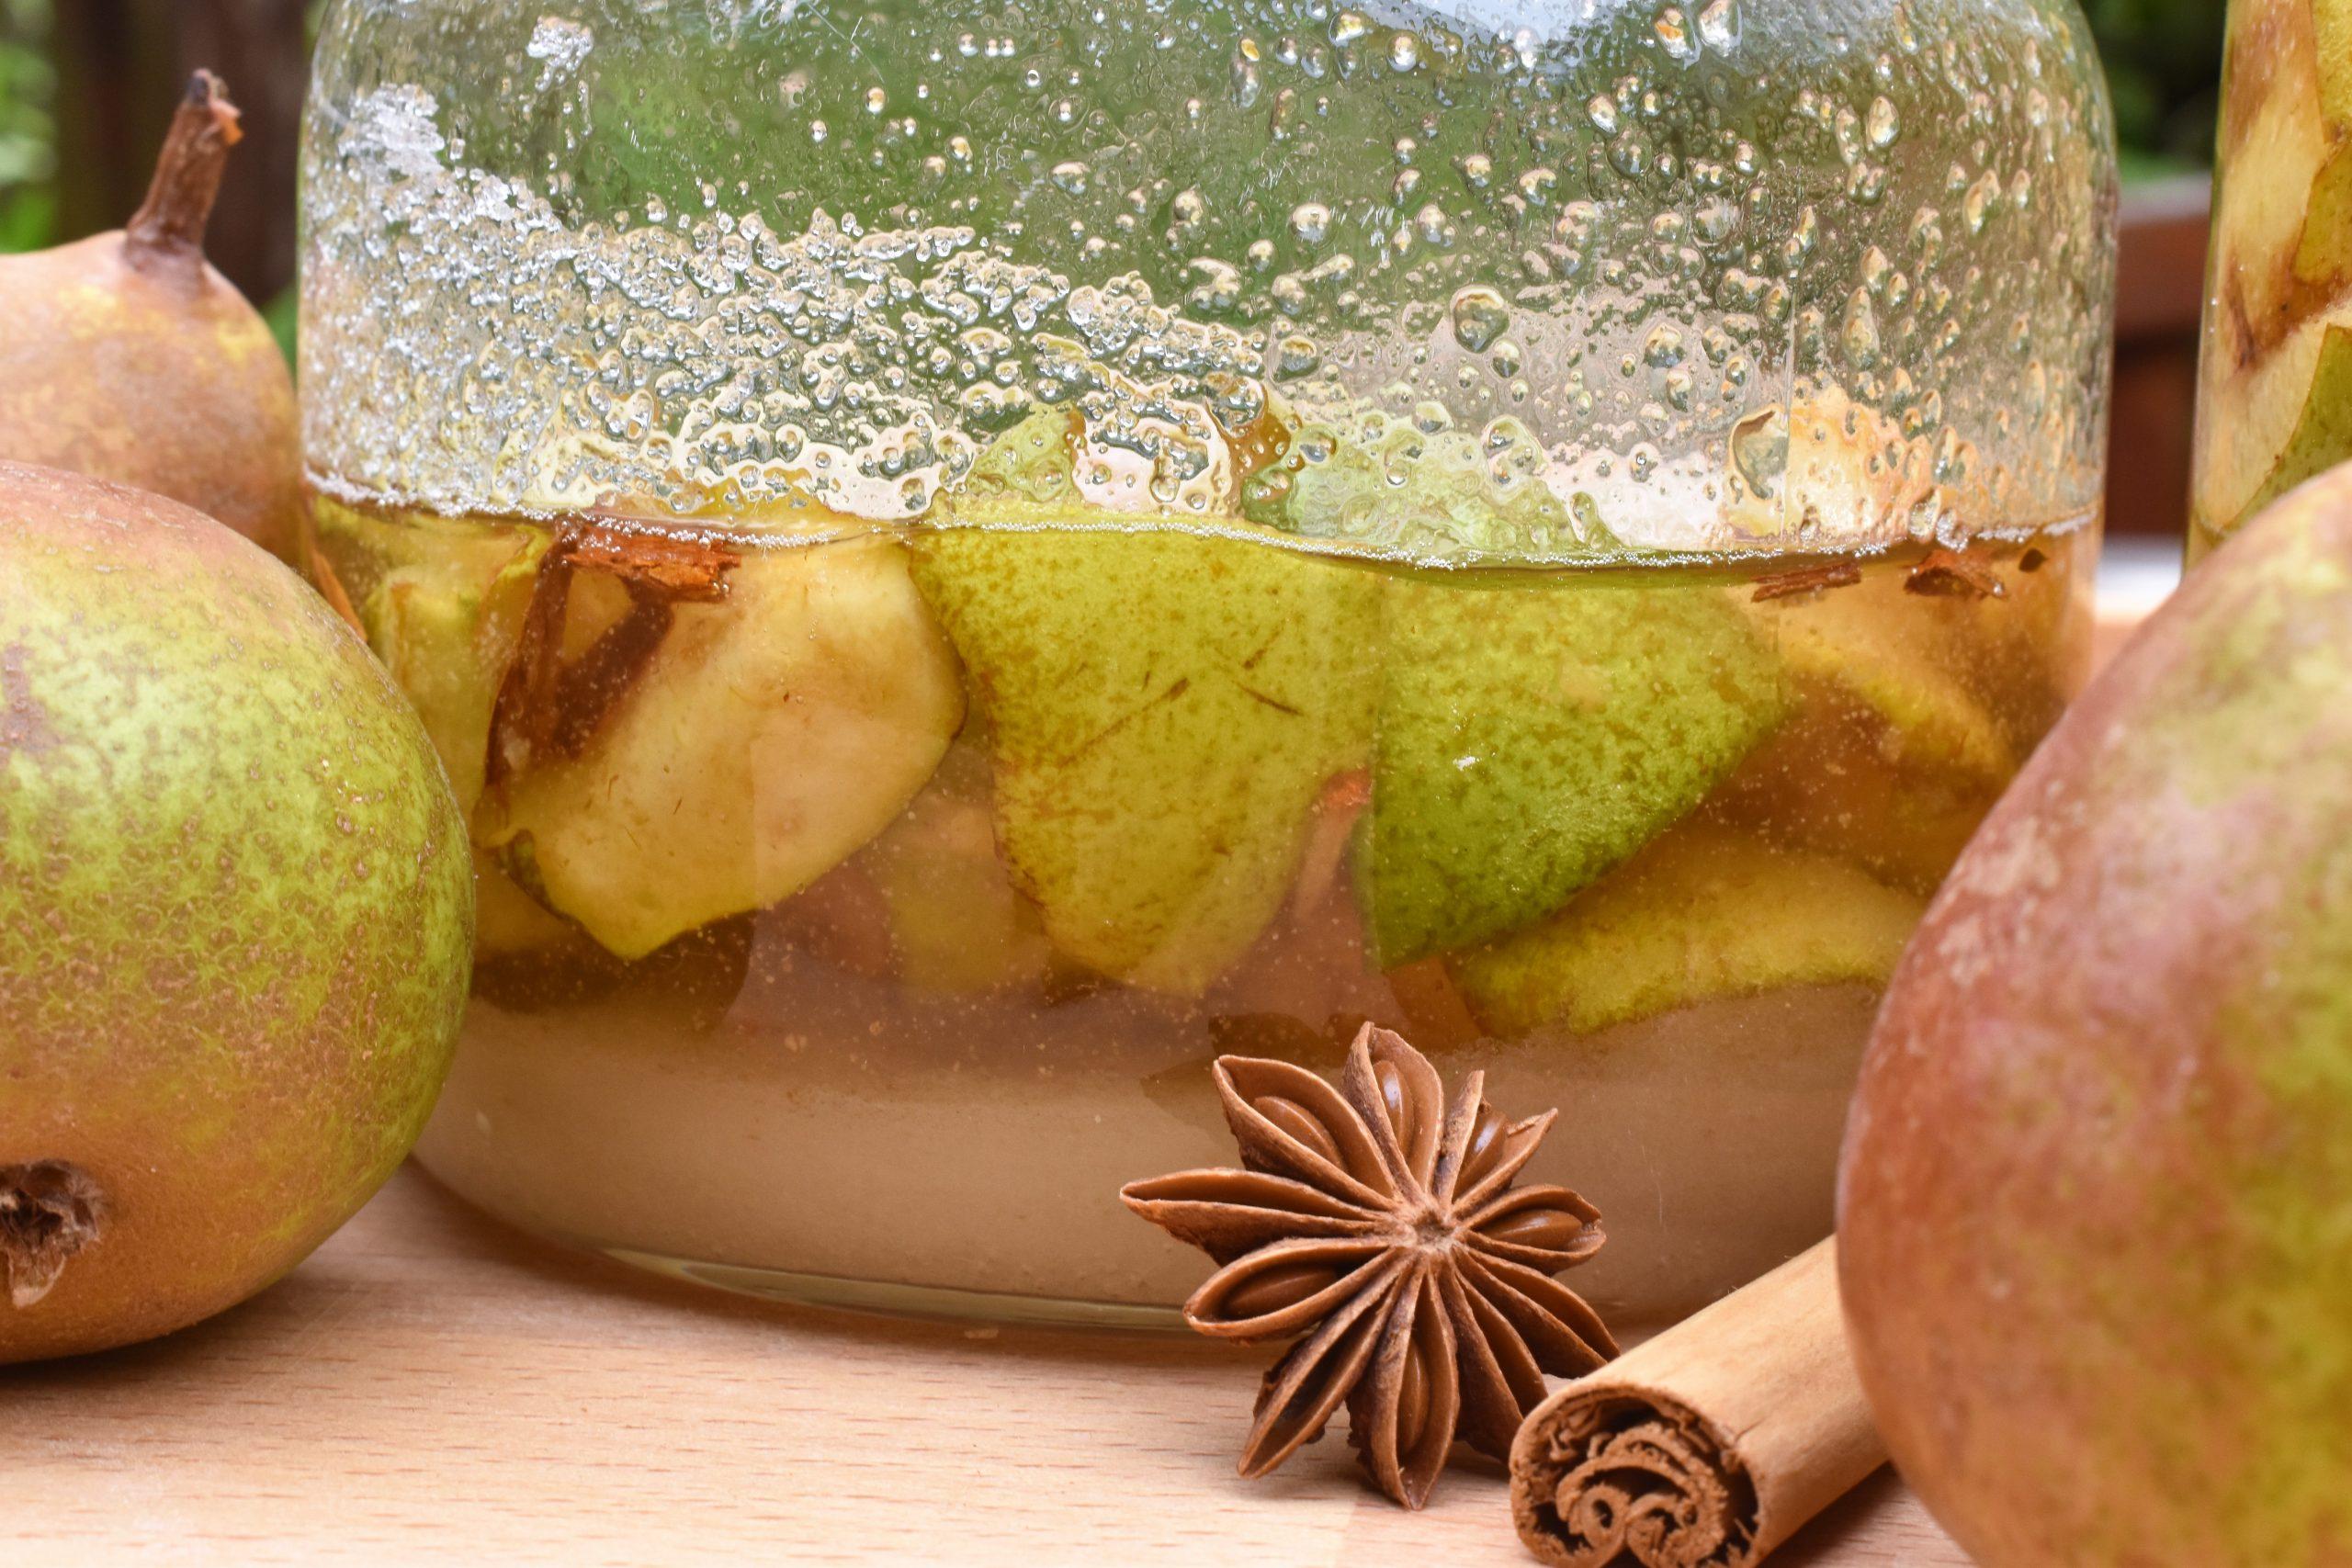 Cheong – Comment faire un sirop de fruit fermenté